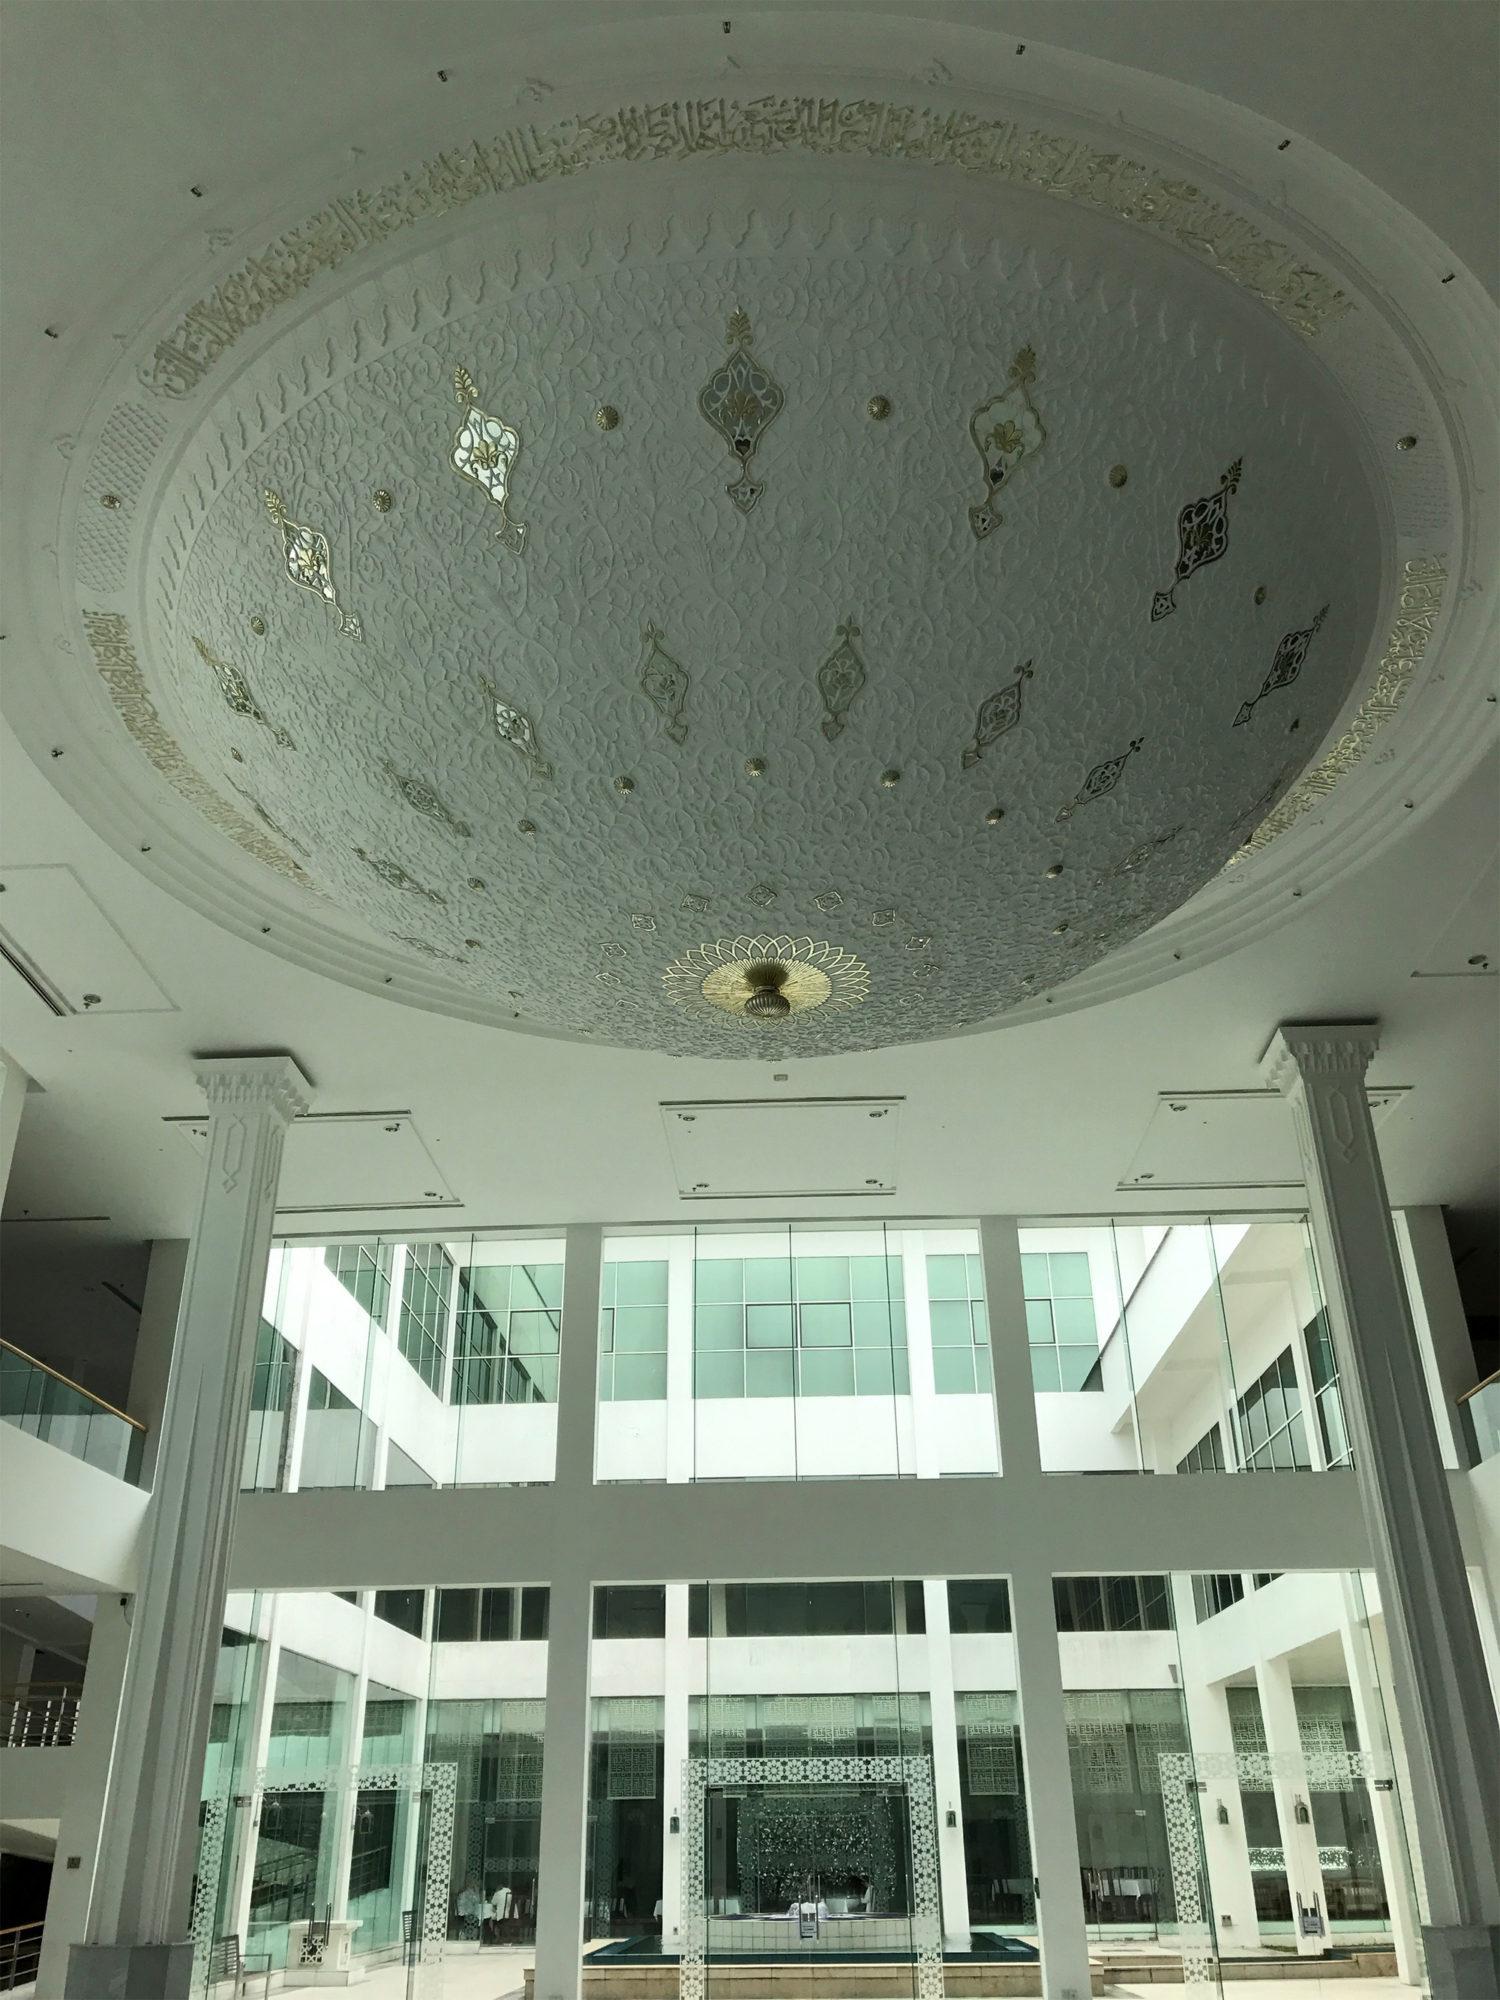 モスクの様なドーム状の天井その1